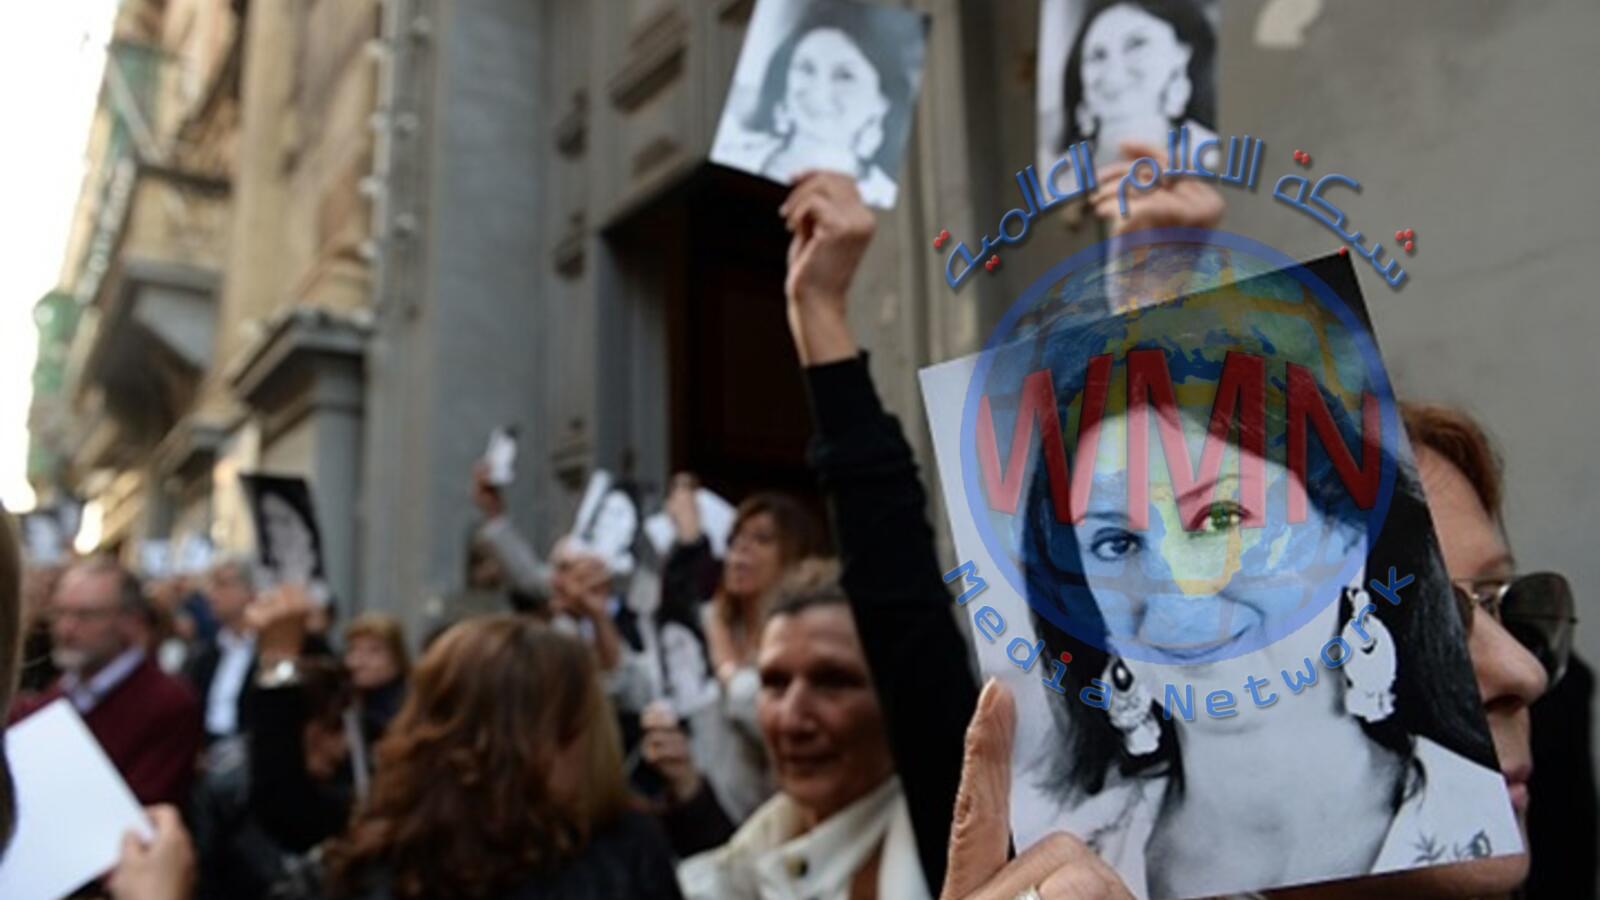 محكمة مالطية تحاكم 3 متهمين باغتيال صحفية استقصائية